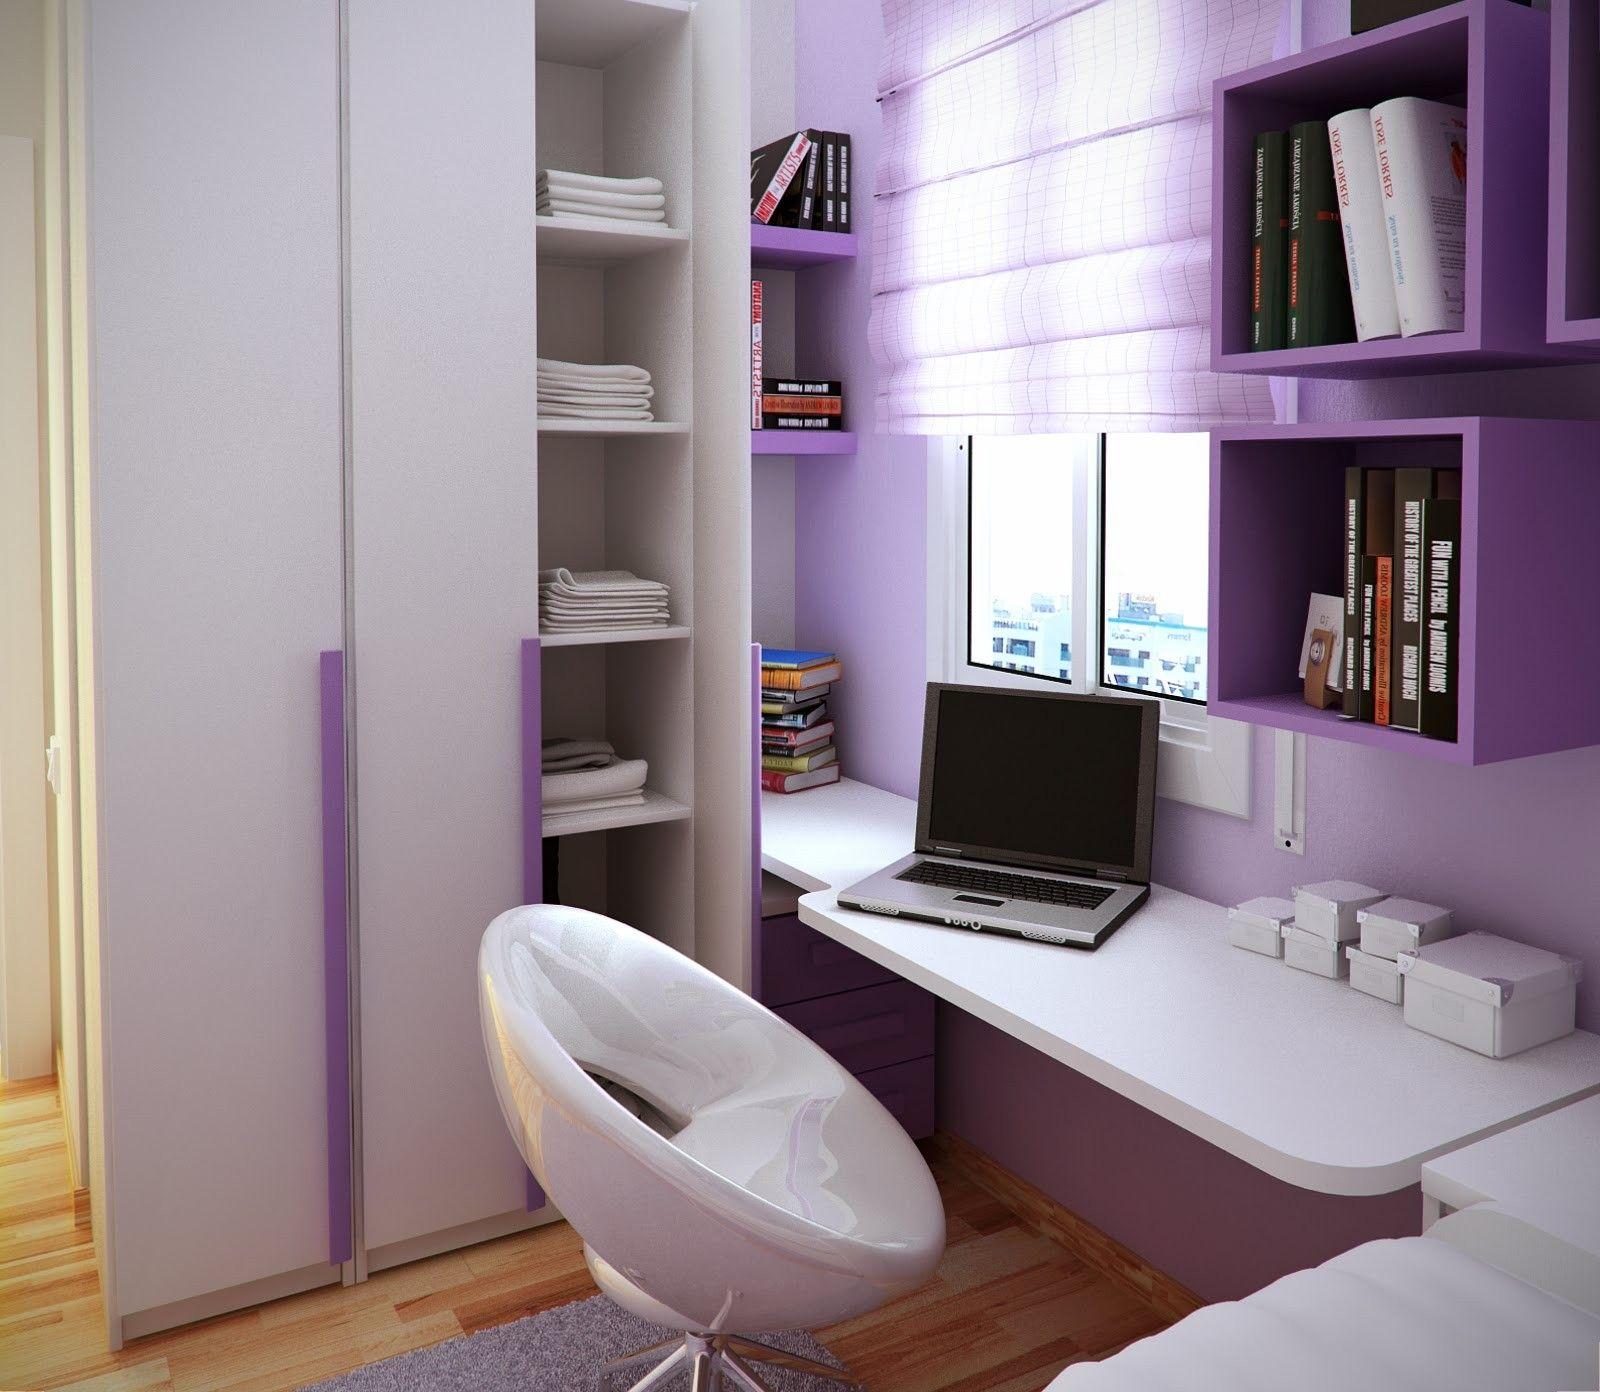 10 tipps für kleine schlafzimmer innenarchitektur saubere, Schlafzimmer entwurf